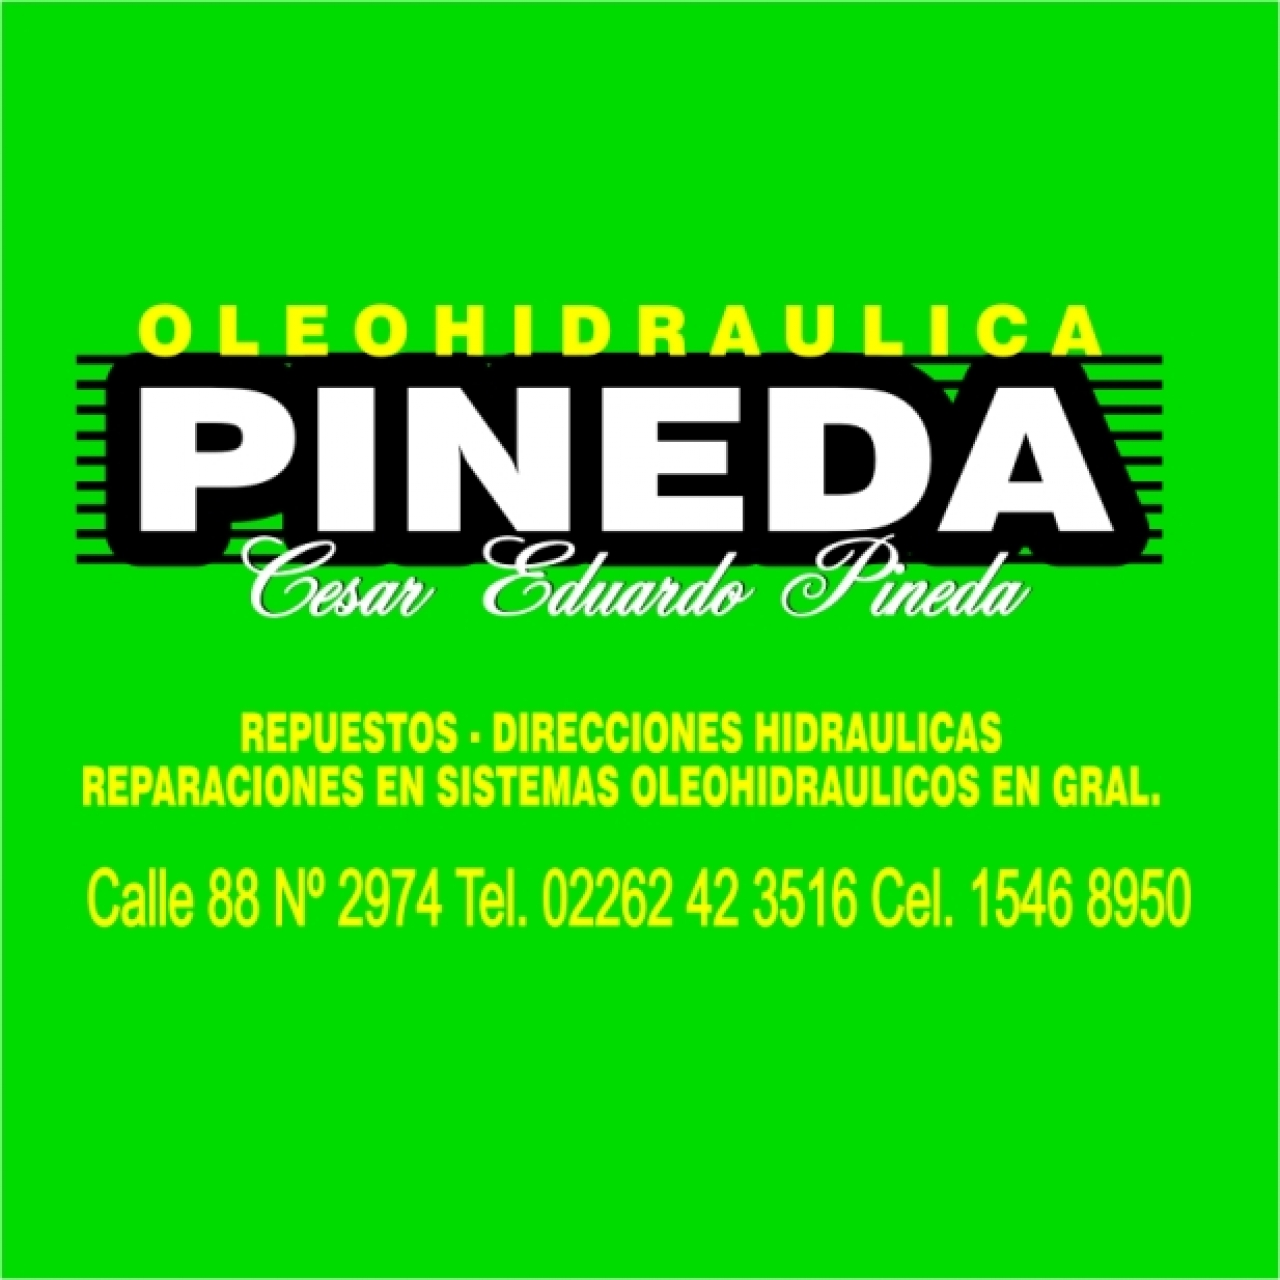 OLEOHIDRAULICA PINEDA DIRECCIONES HIDRAULICAS REPUESTOS TALLER BOMBAS